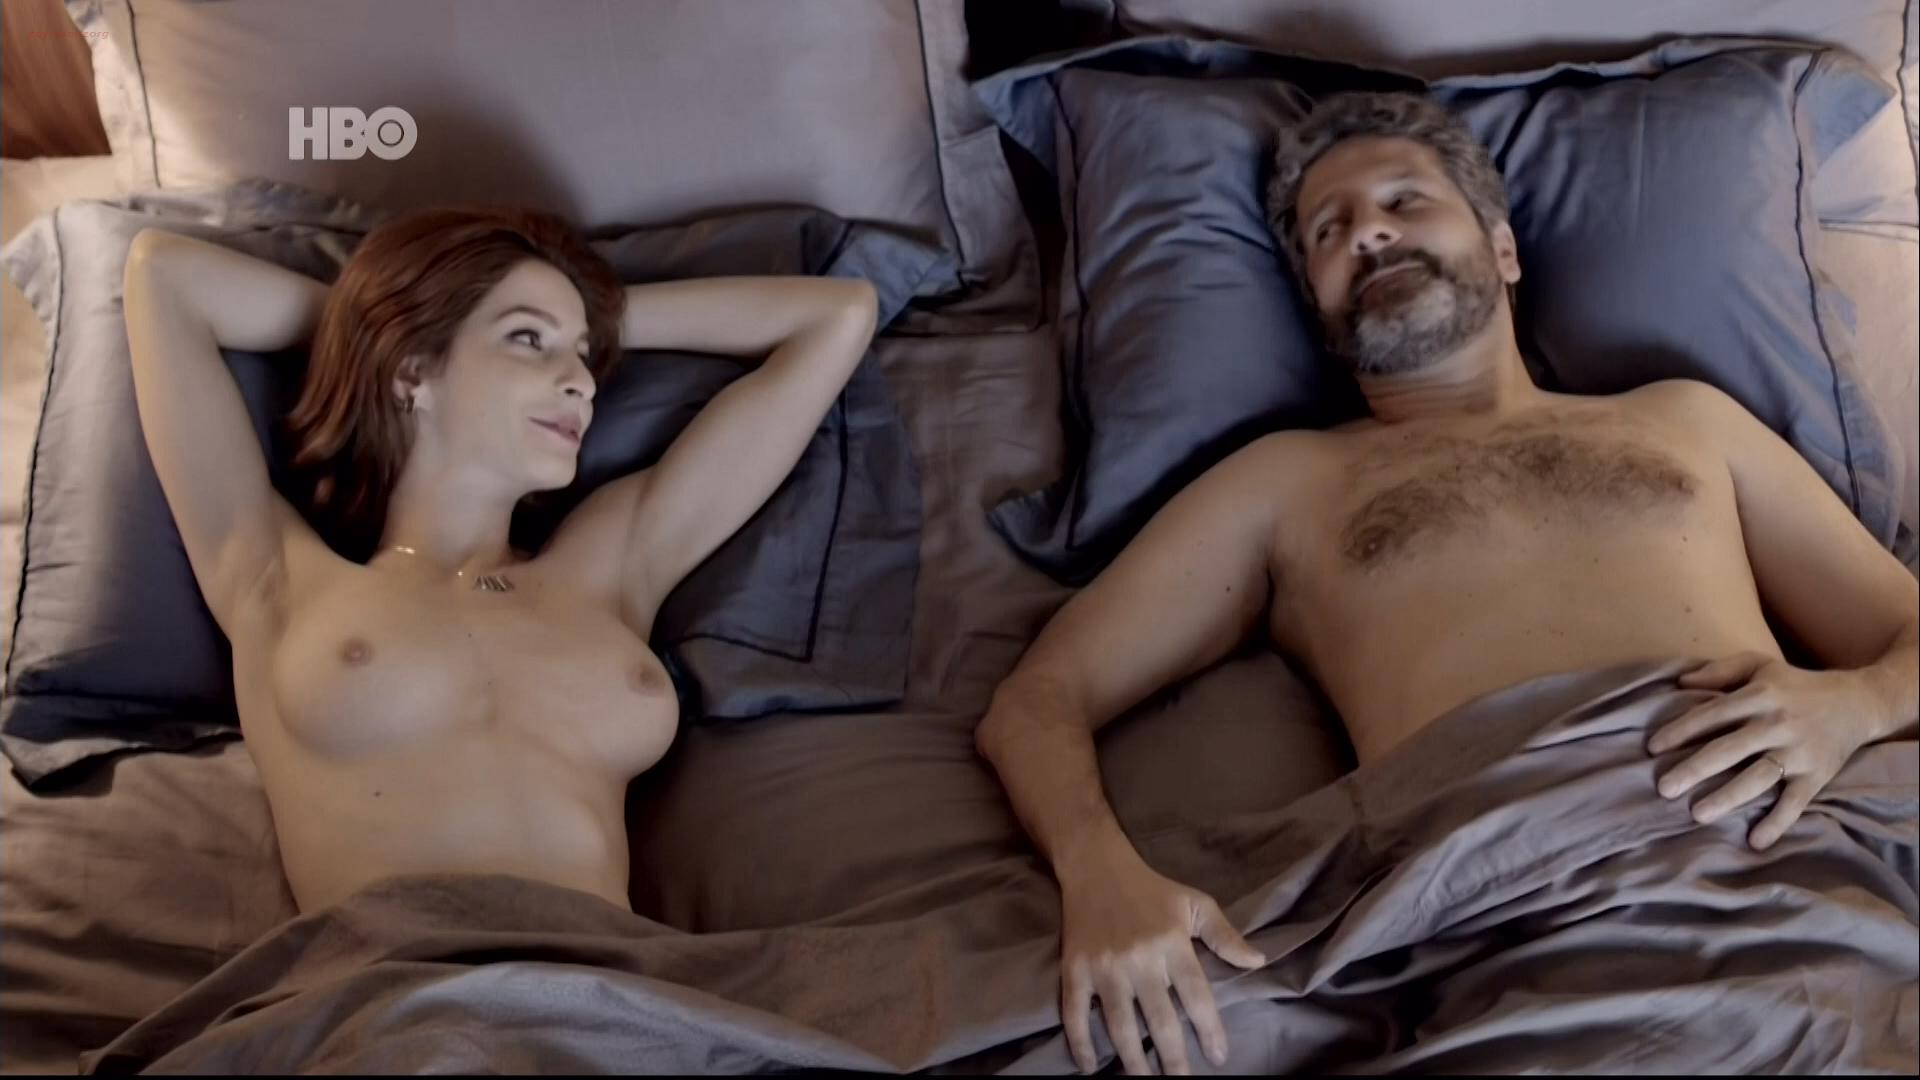 Juliana Schalch nude topless, Carla Zanini, Michelle Batista and Gabriella Vergani nude sex too - O Negócio (BR-2016) s3e7-8 HDTV 1080p (5)